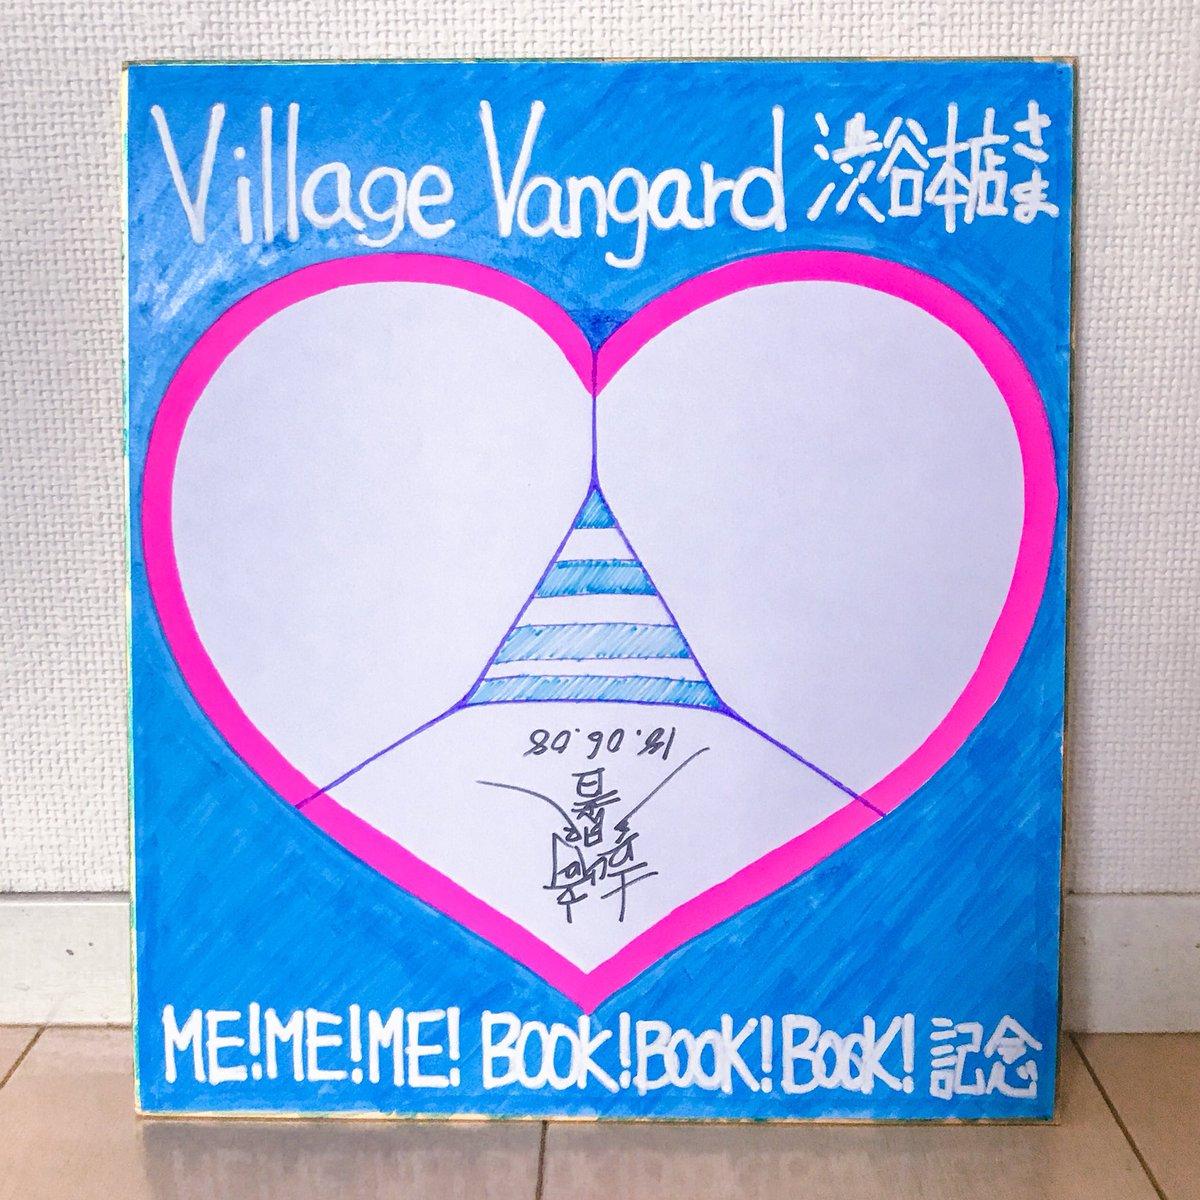 hibiki yoshizaki on twitter me me me book book book の発売と